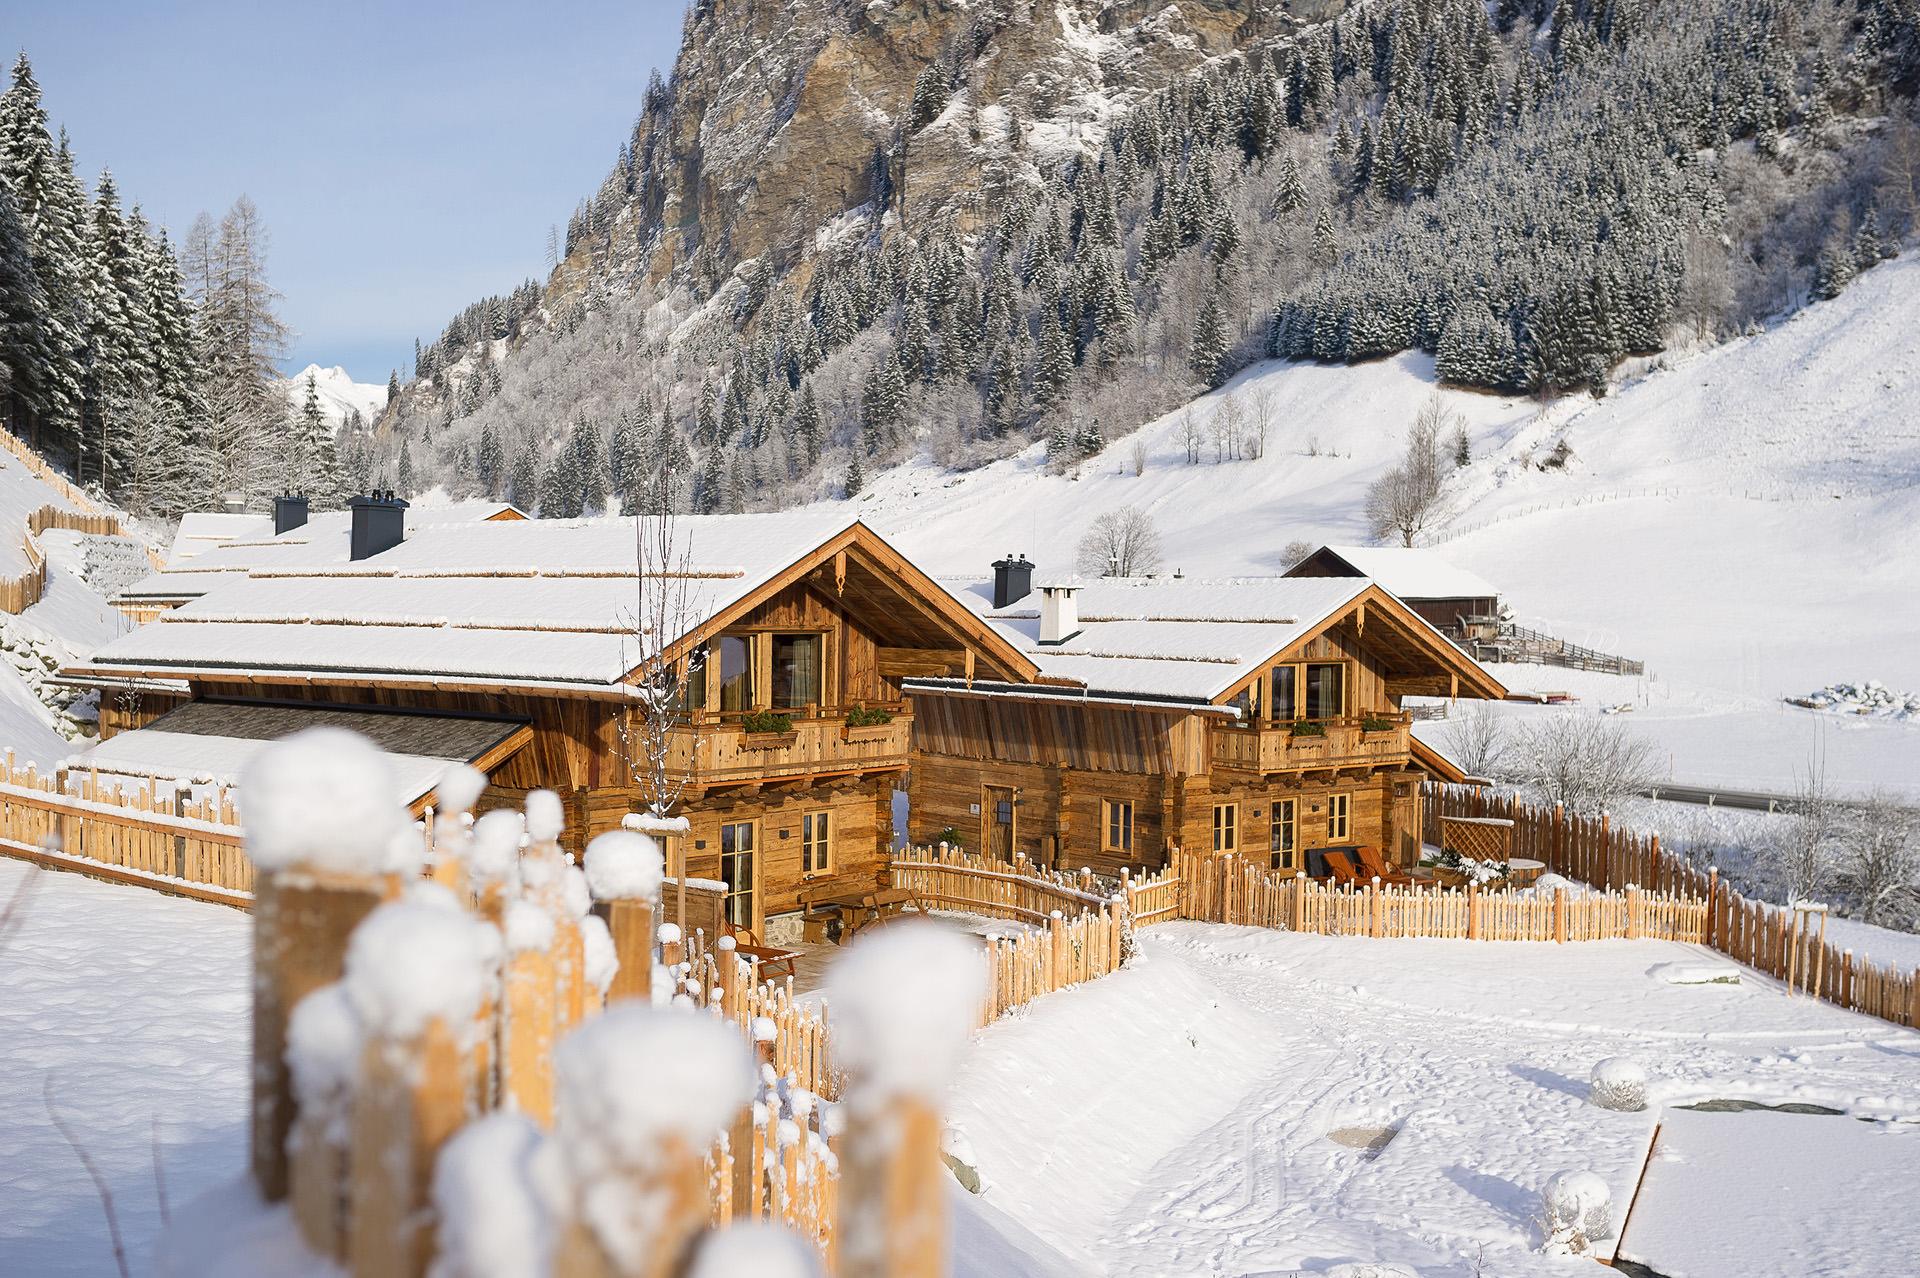 skiurlaub im salzburger land chalets auszeit in gro arl. Black Bedroom Furniture Sets. Home Design Ideas